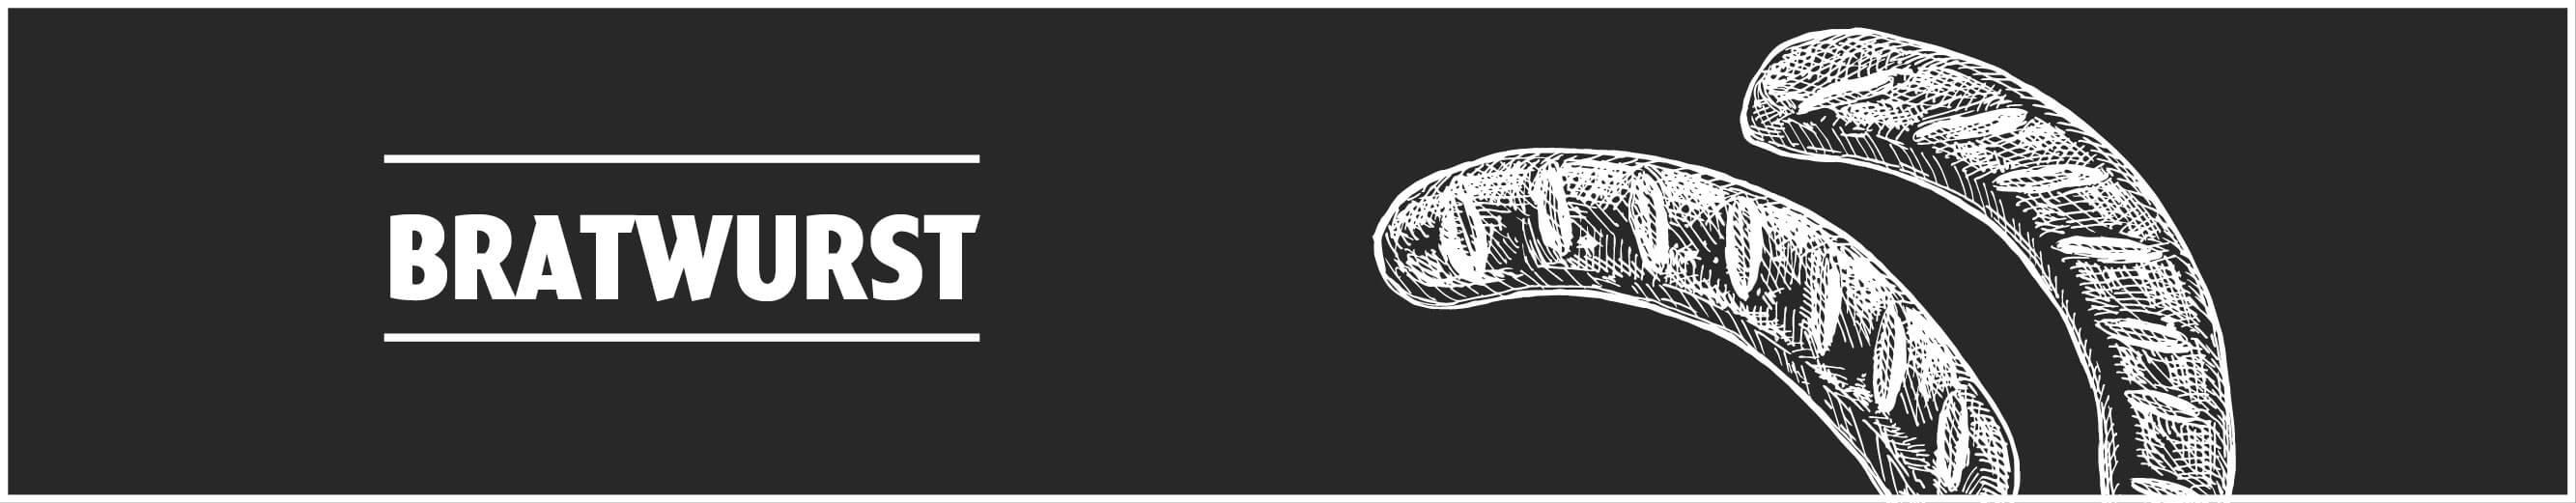 Premium Bratwurst kaufen ✔ Bratwurst & Käsekreiner vom Schwein & Kalb ✔ Sichere & schnelle Lieferung ✔ Kontrollierte und zertifizierte Herkunft ✔ Kostenloser Versand ab 99€ Bestellwert ✔